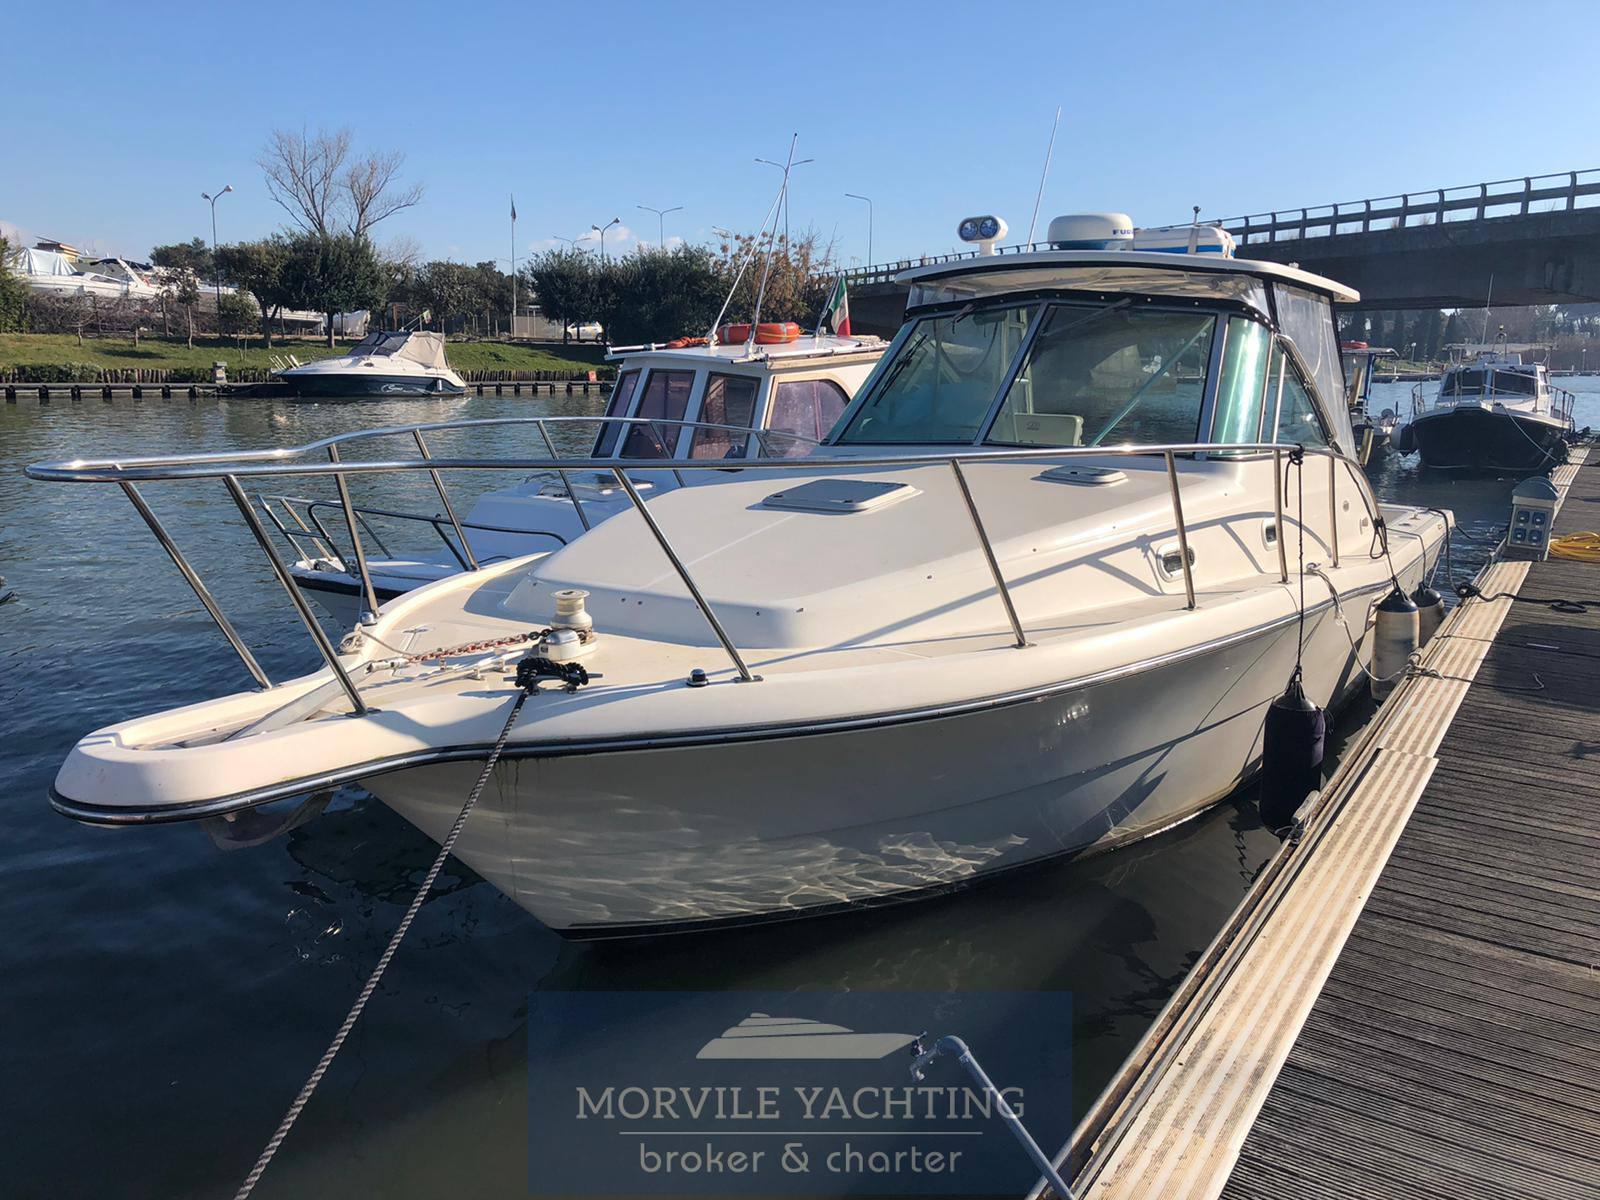 Pursuit 3000 express Моторная лодка используется для продажи